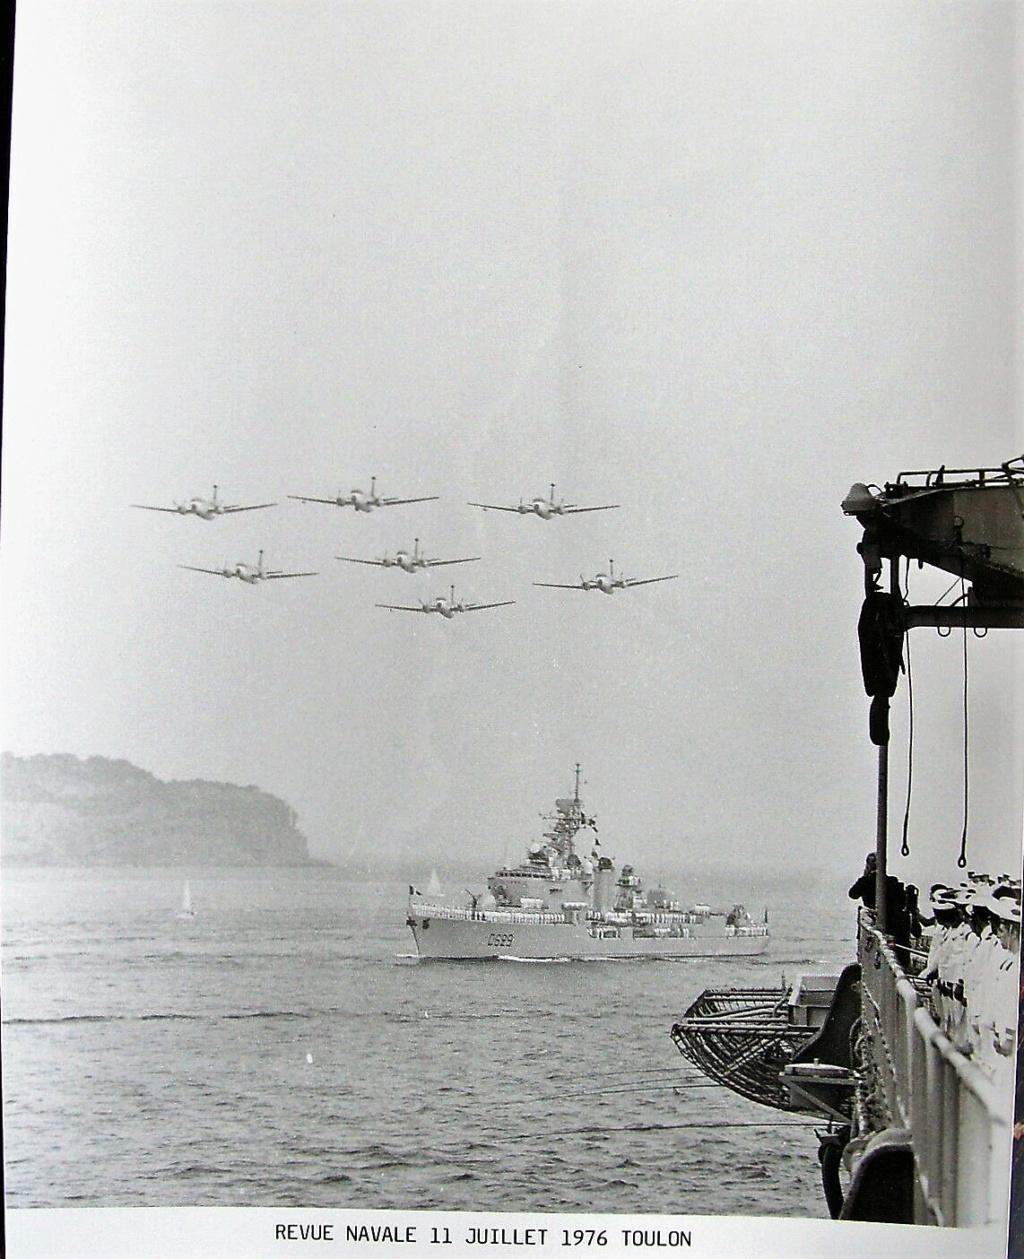 Les revues navales du XX ém siècle  - Page 2 6_d_es10